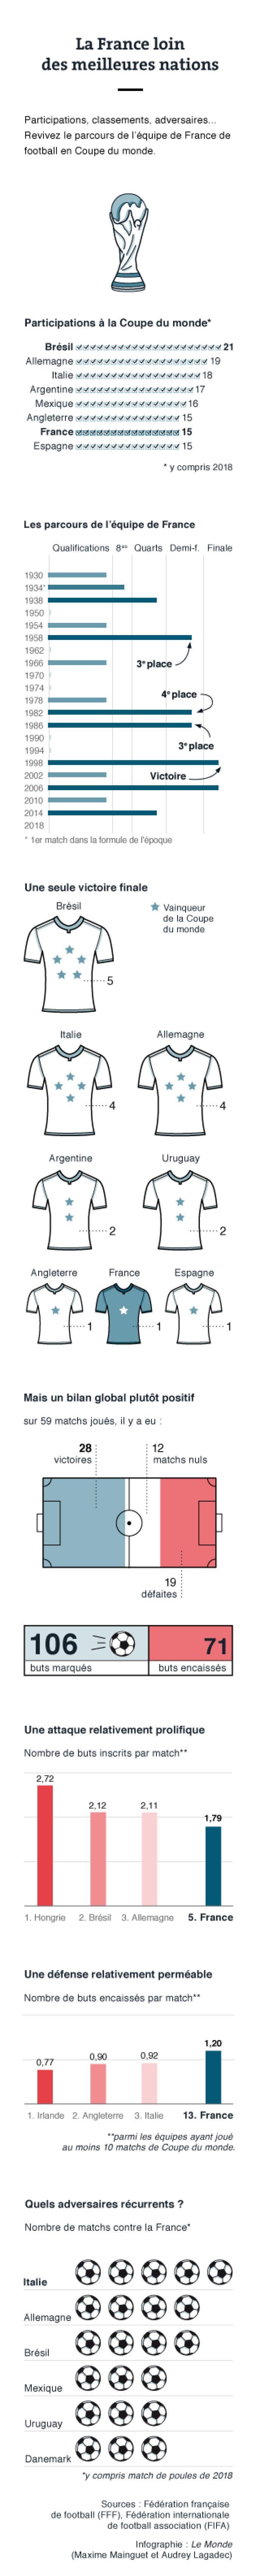 Parcours de l'équipe de France en Coupe du monde de 1930 à 2014